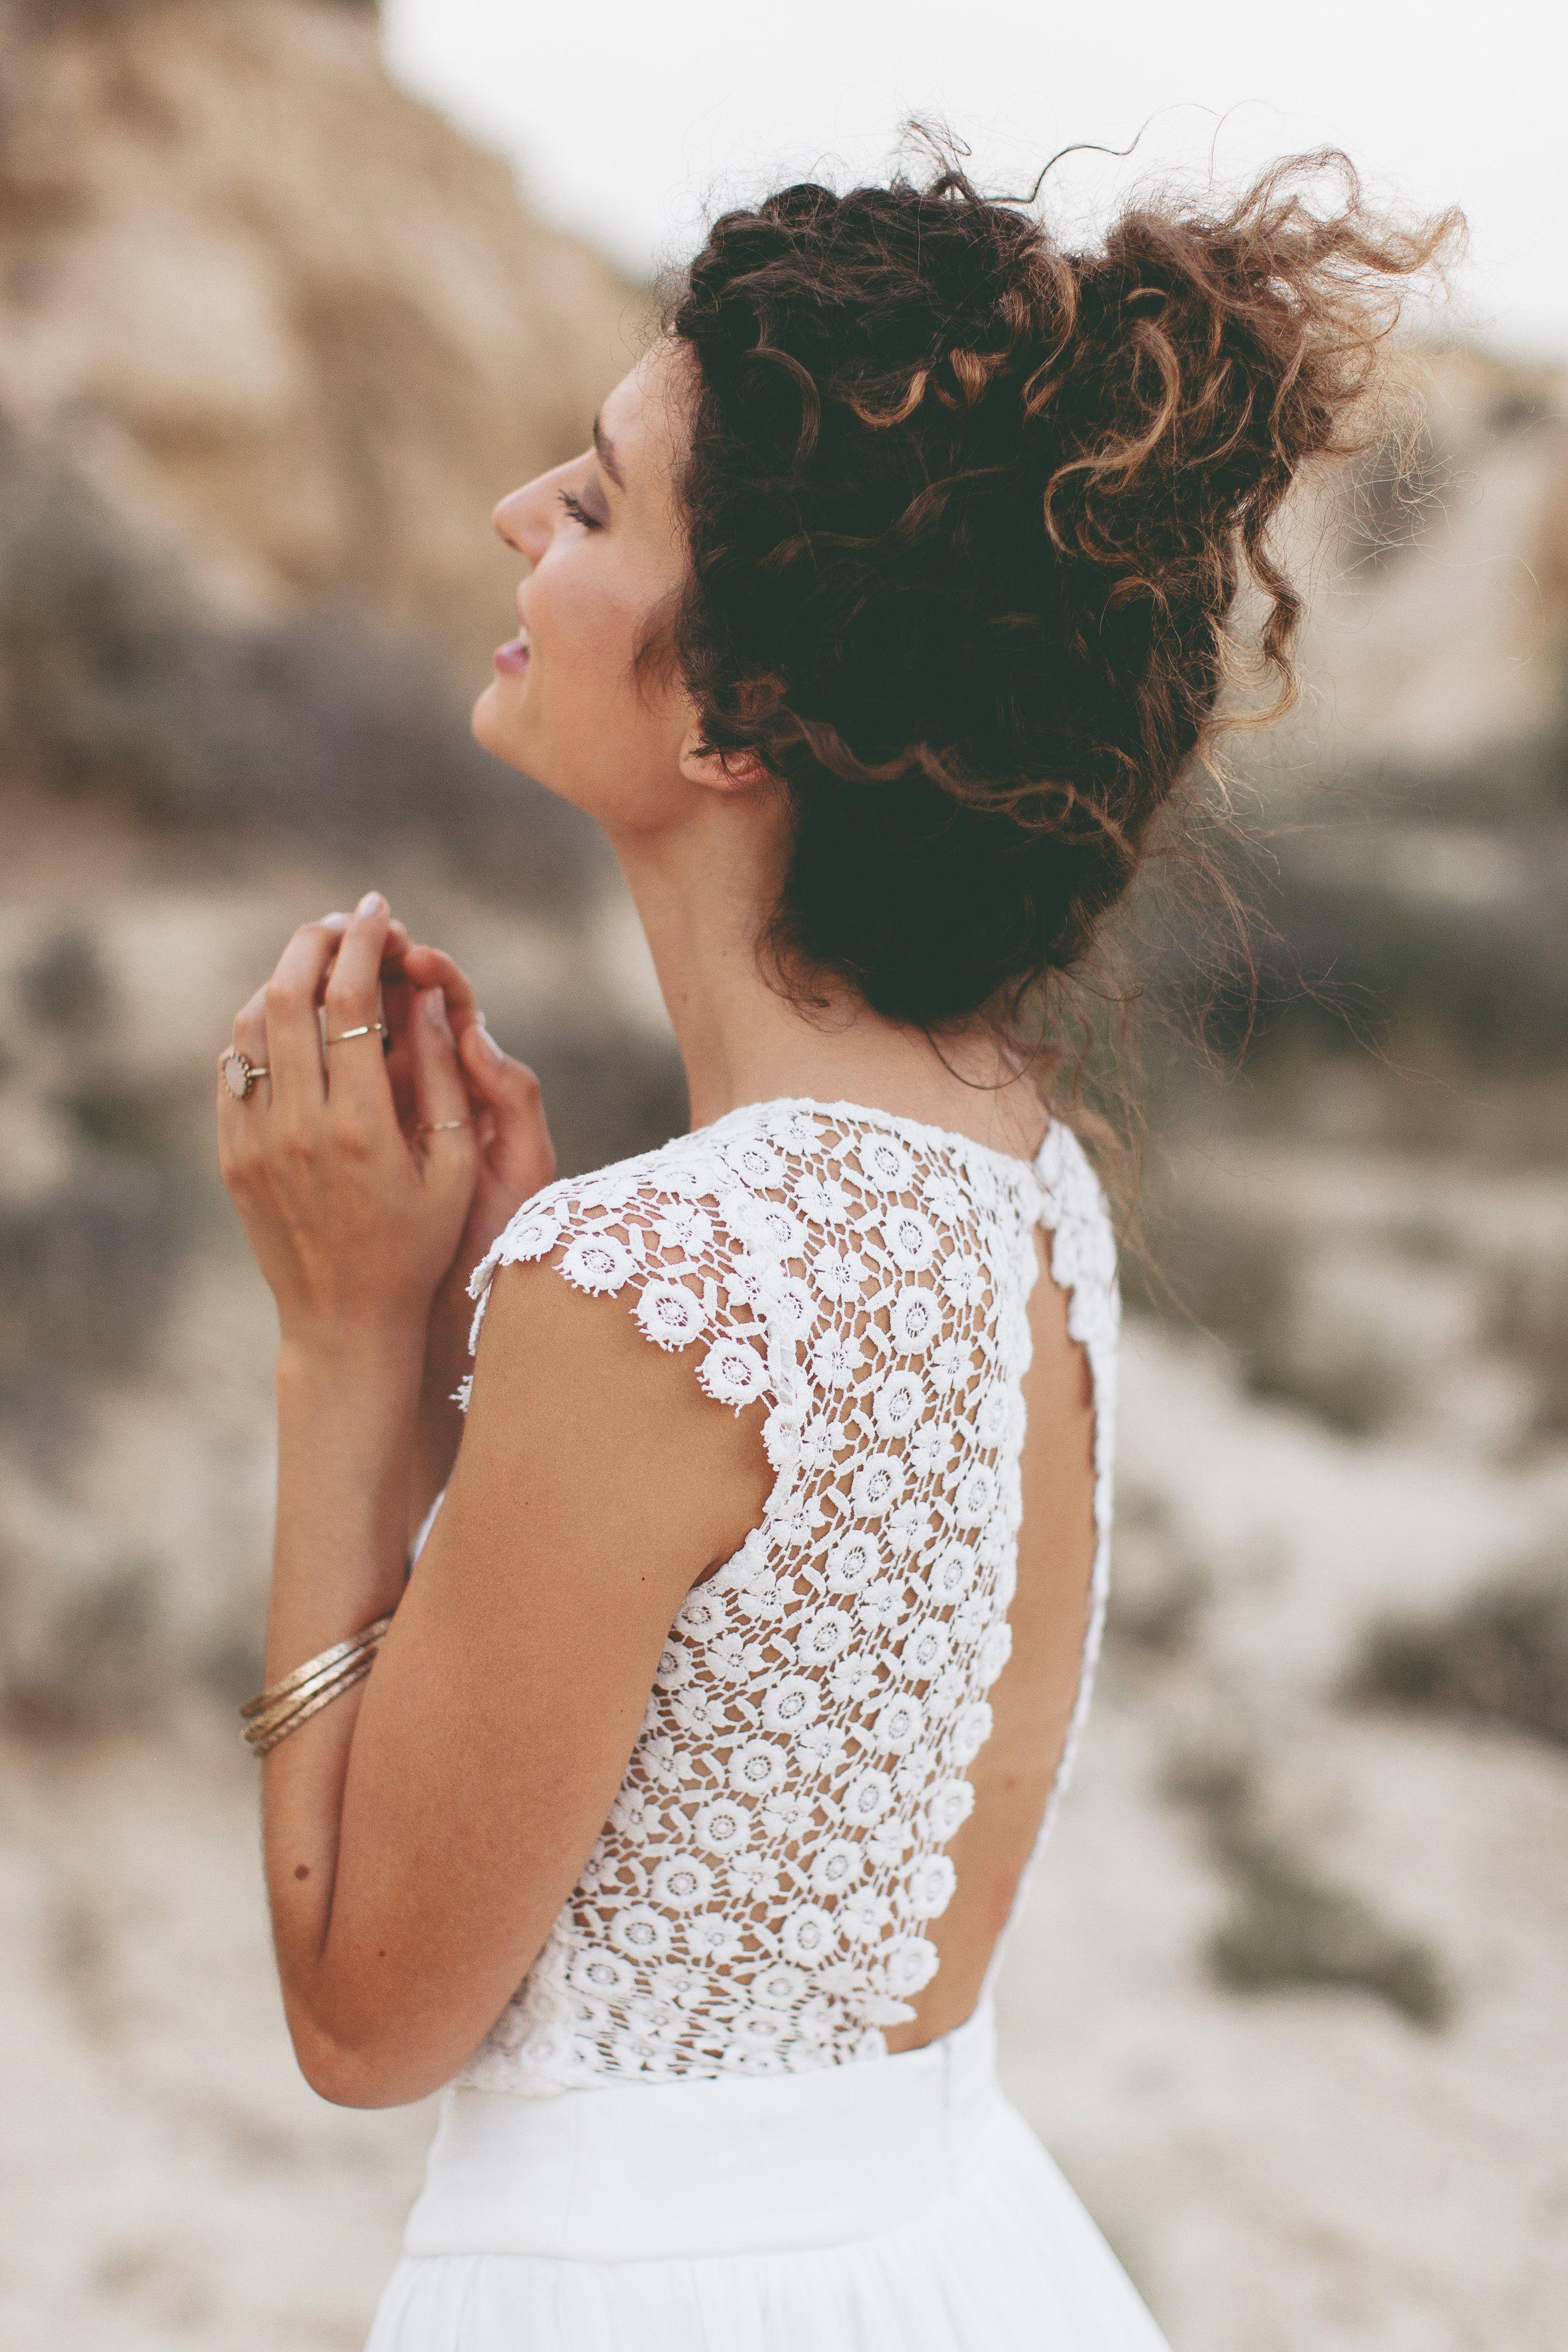 Boho Hochzeitskleid Vintage Hochzeit Hippie Light Lace Bridal Couture Brautkleider 2018 Brautkleid Kleider Hochzeit